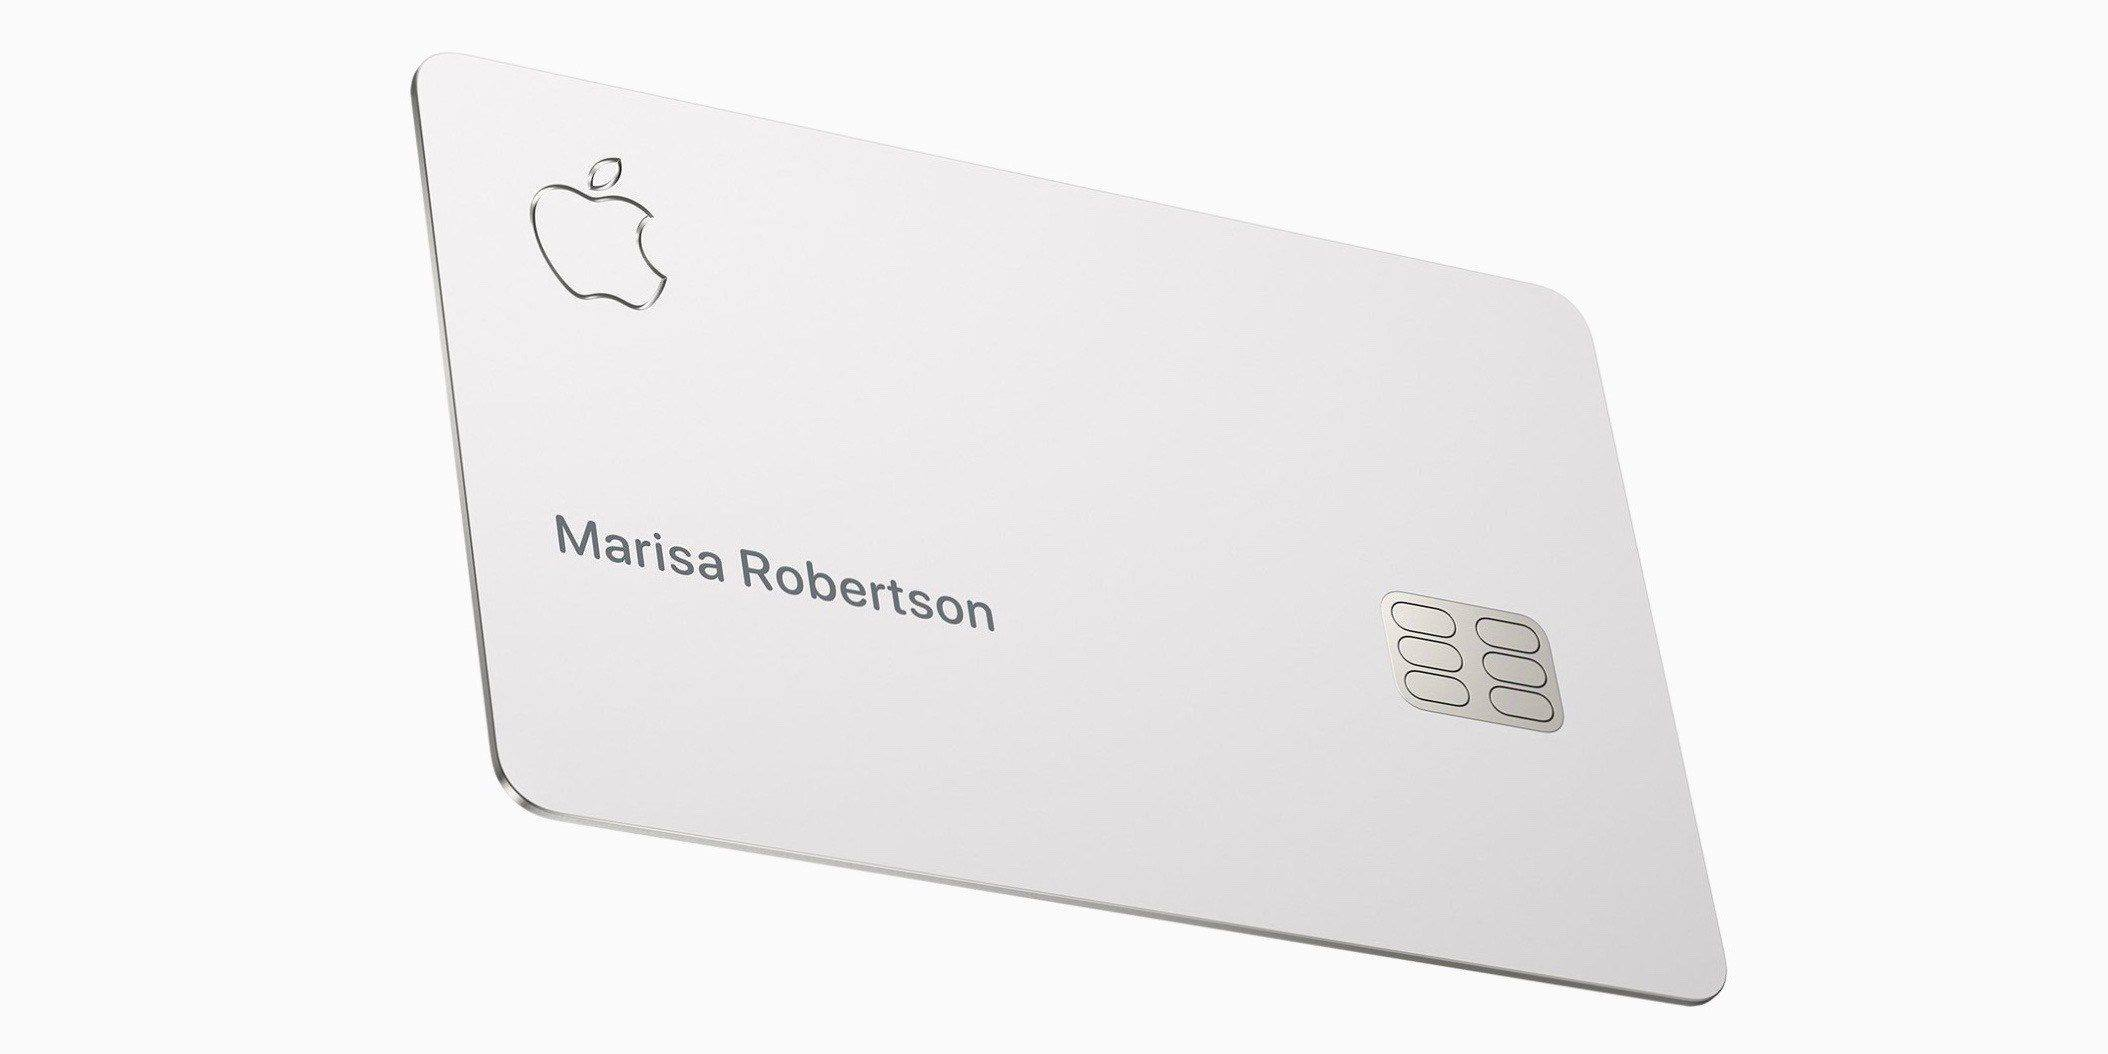 Apple-Wallet-Case-Apple-Card